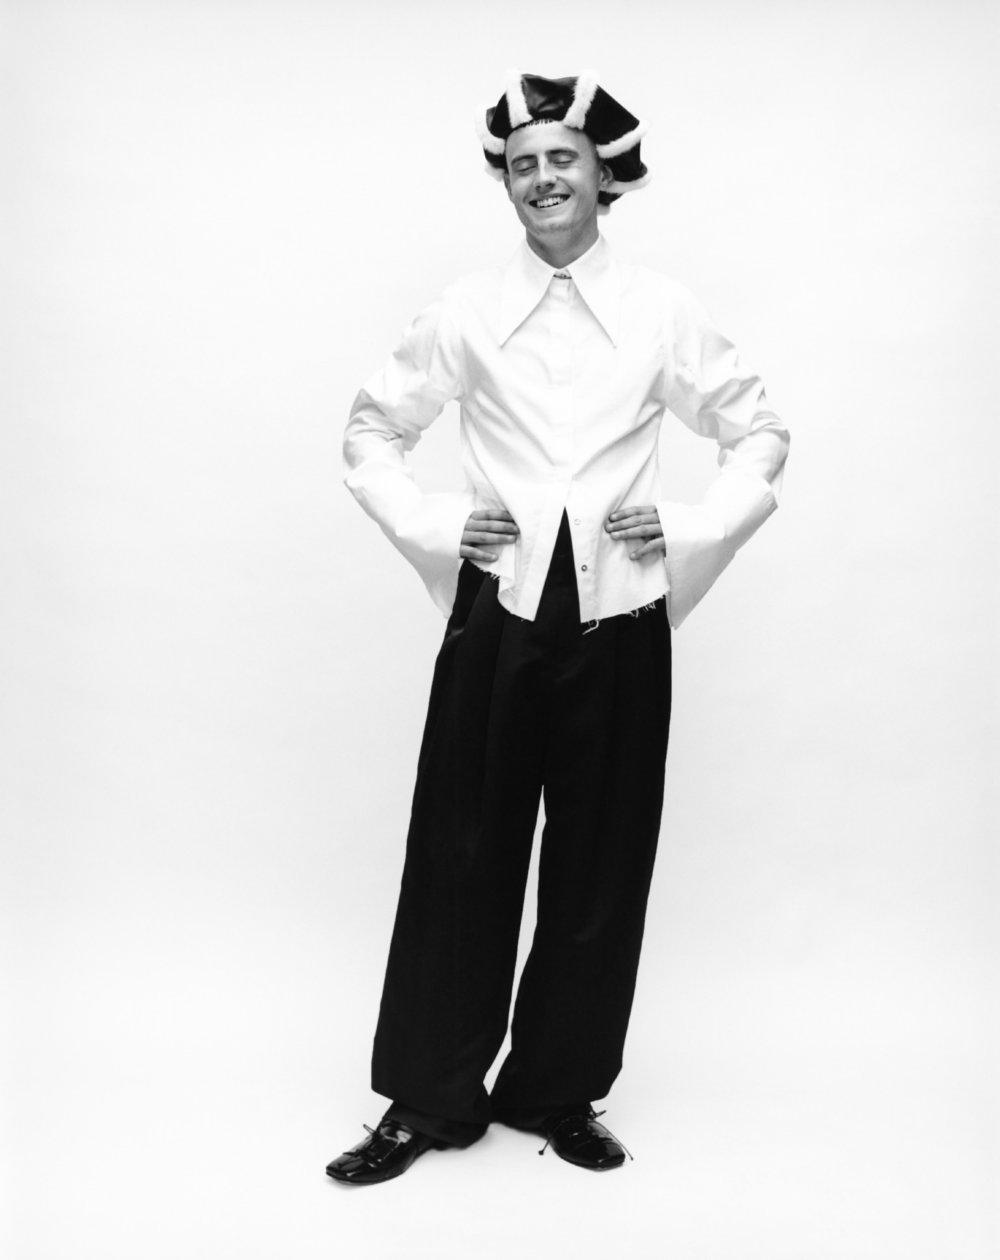 Cae viste camisa de  MARQUES ALMEIDA, pantalón de  WOOYOUNGMI, zapatos de  CHARLES JEFFREY LOVERBOY  y sombrero de  NOEL STEWART.